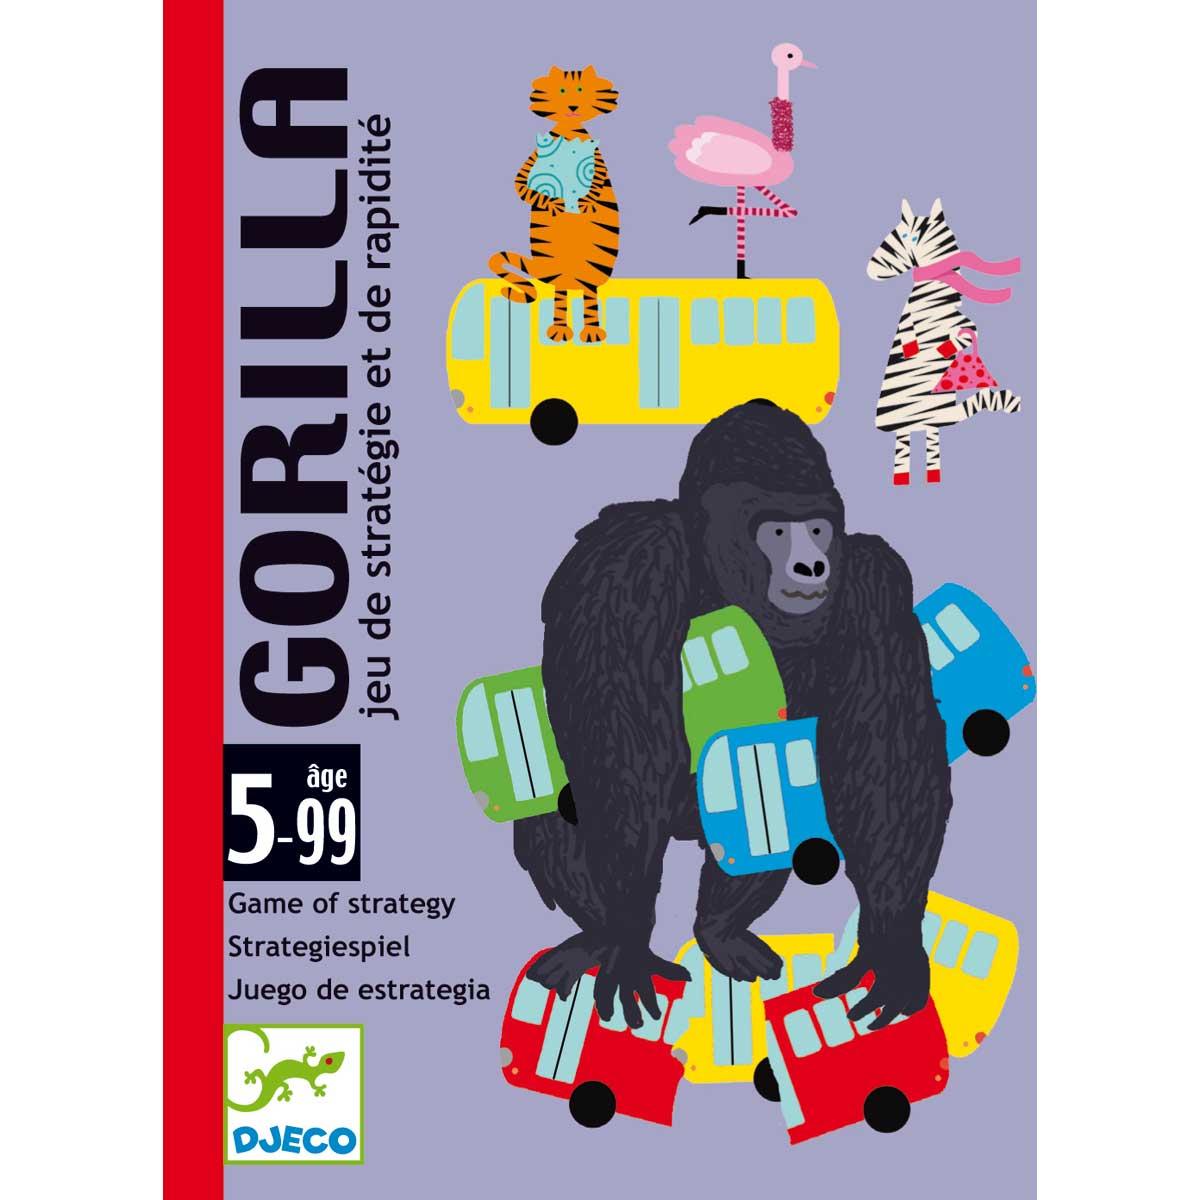 1816 - Gorilla Image